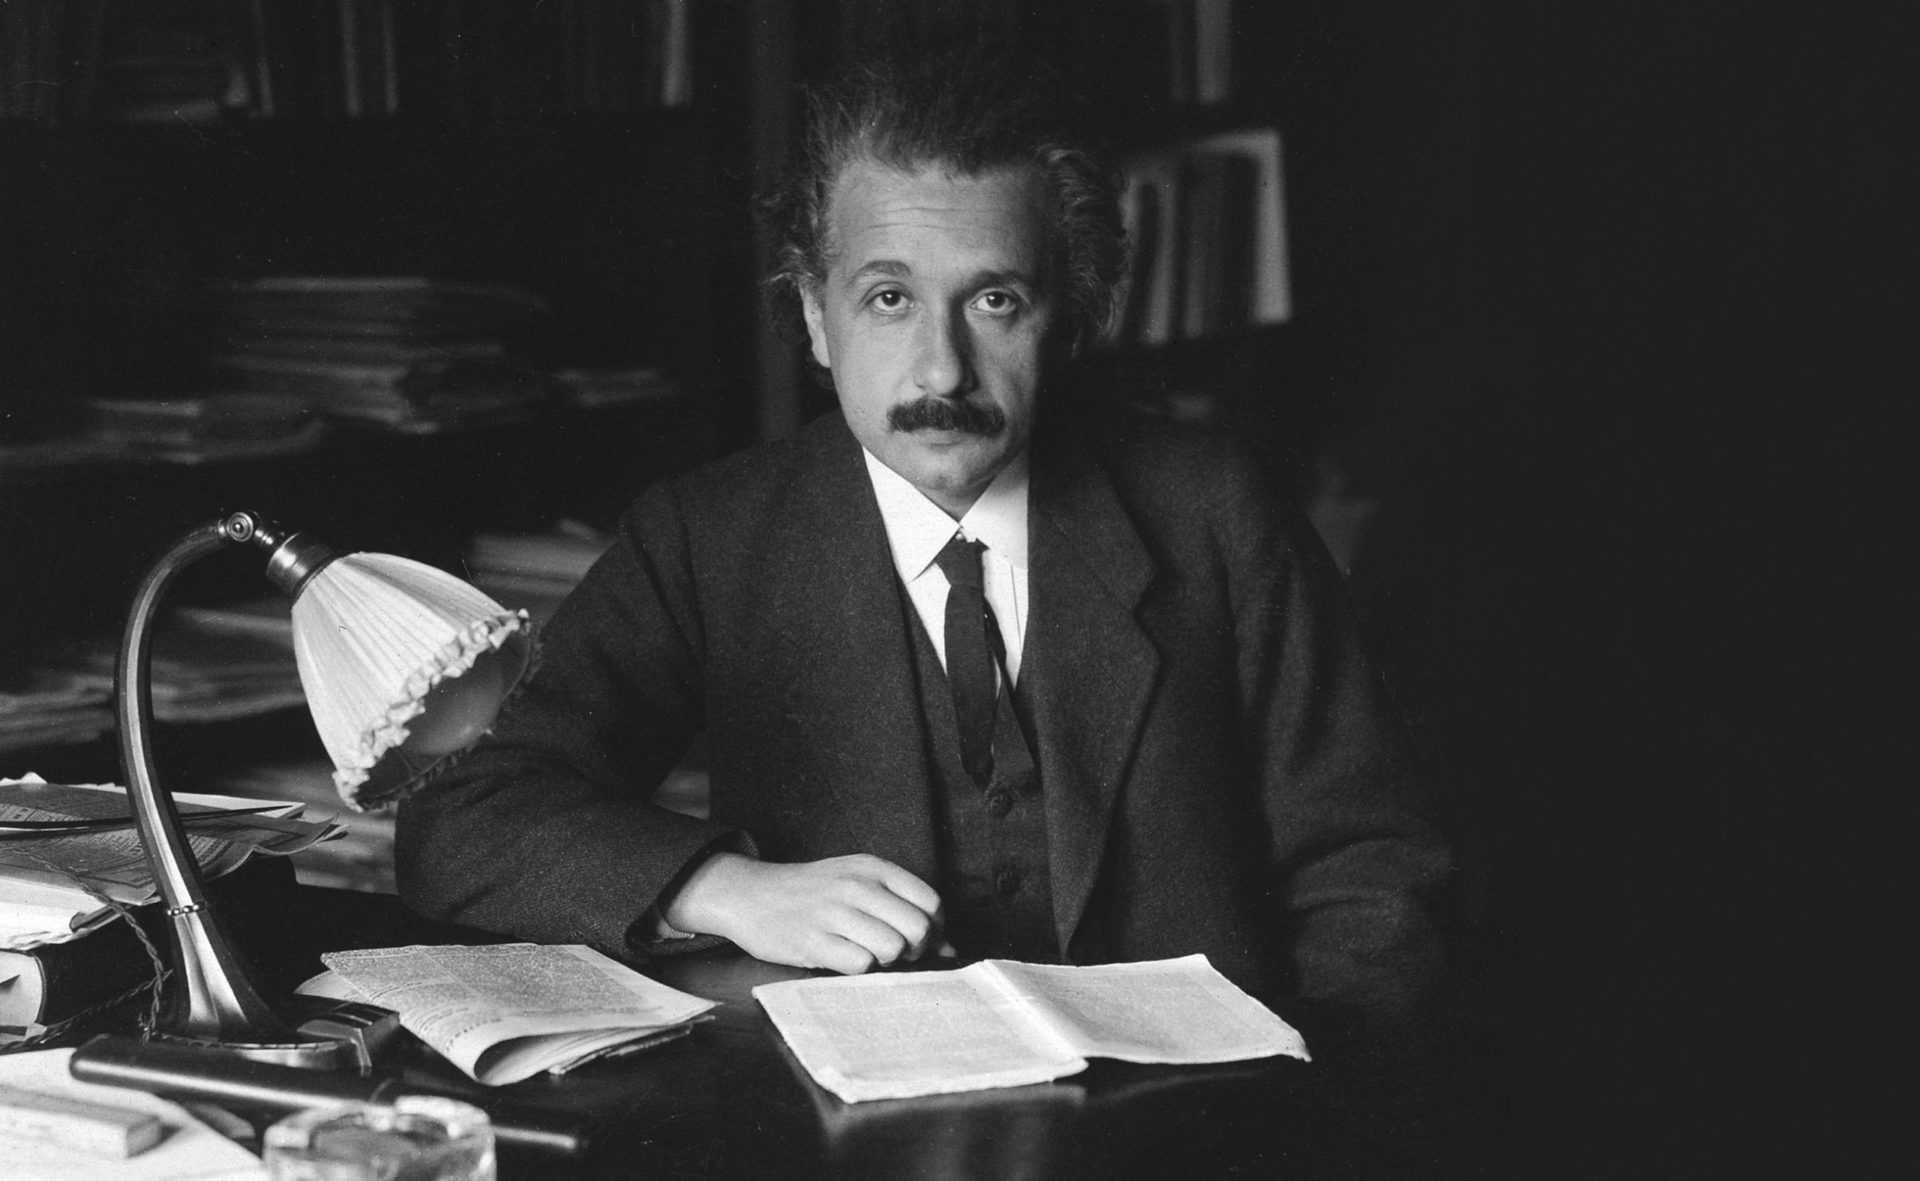 Альберт Эйнштейн: научные открытия, изменившие мир